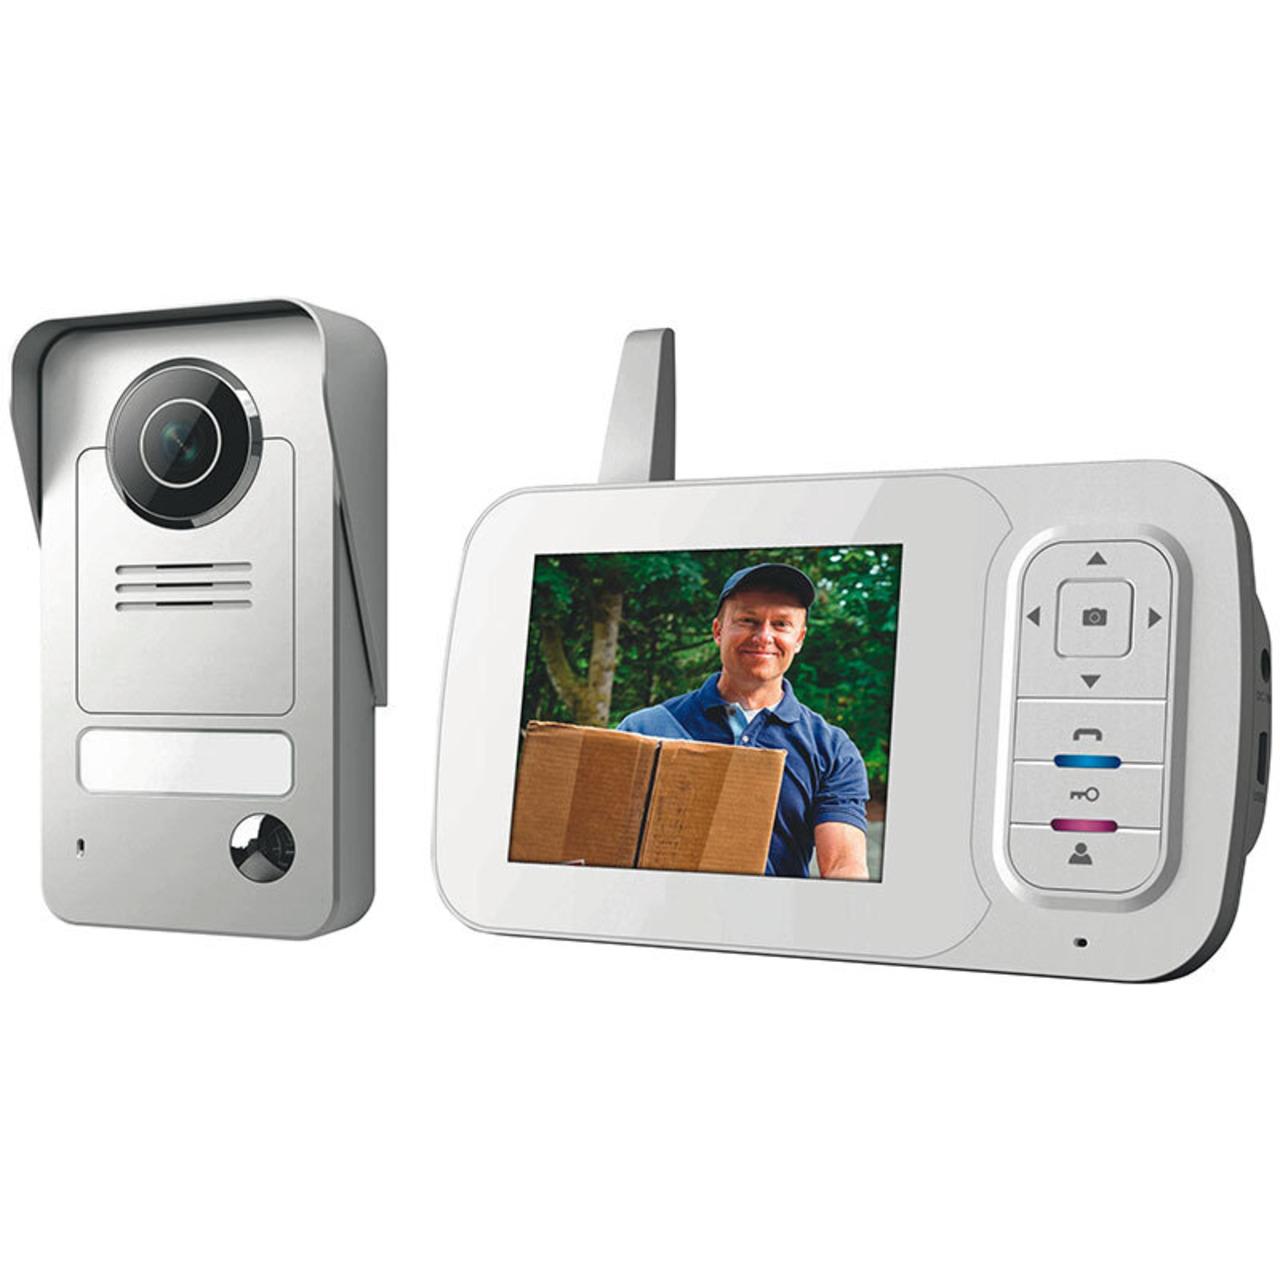 Smartwares VD38W Funk-Video-Türsprechanlage mit Bildspeicherfunktion